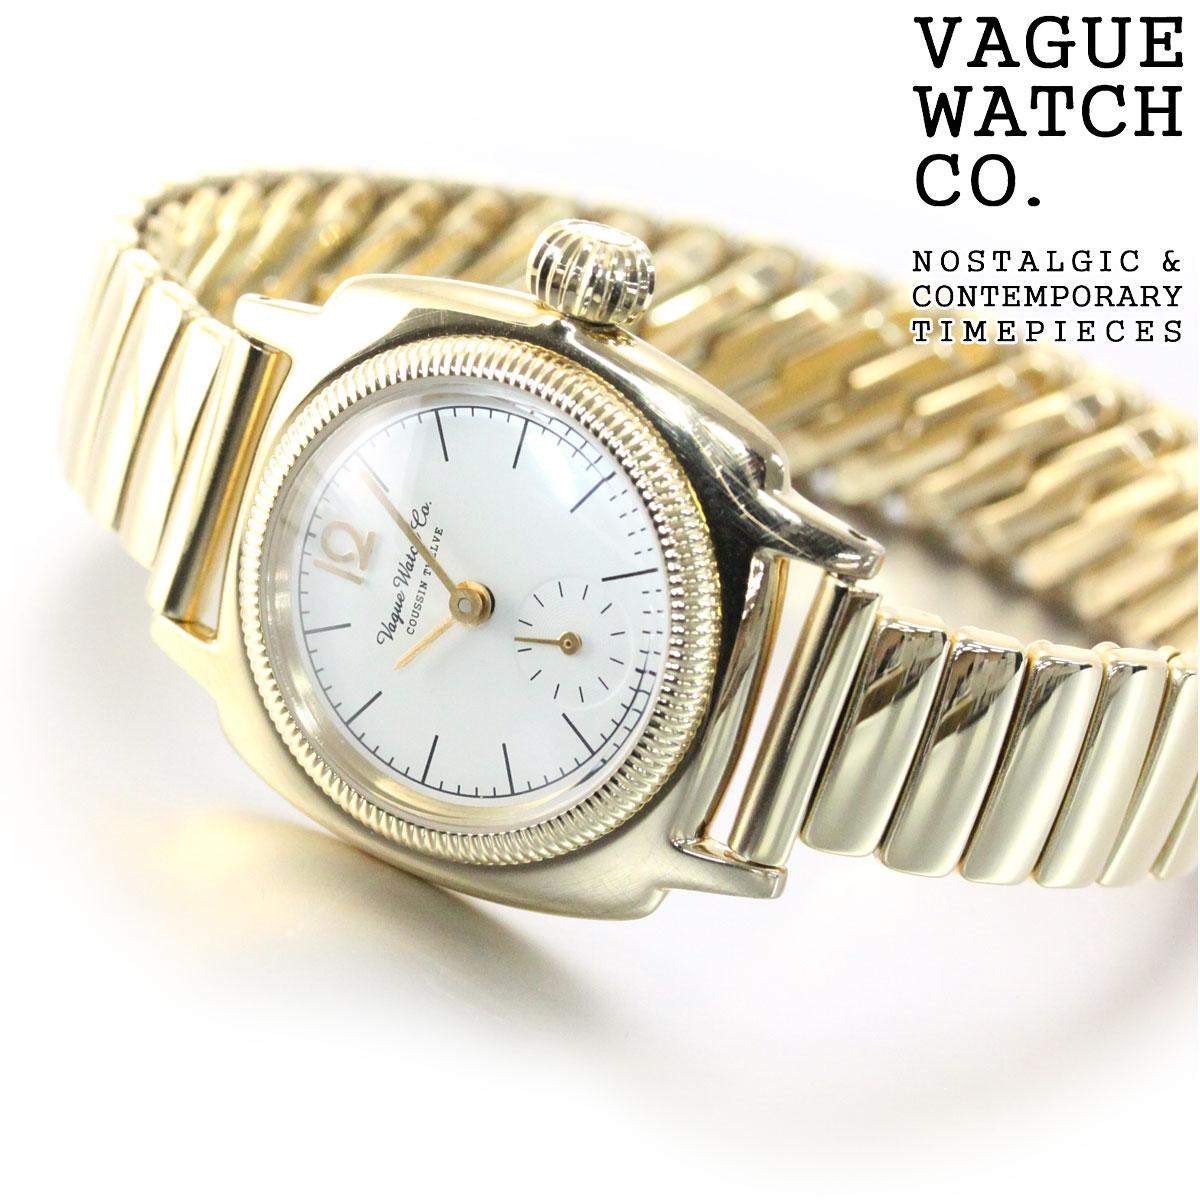 ヴァーグウォッチ VAGUE WATCH Co. 腕時計 レディース COUSSIN 12 CO-S-012-YG-SE【2018 新作】